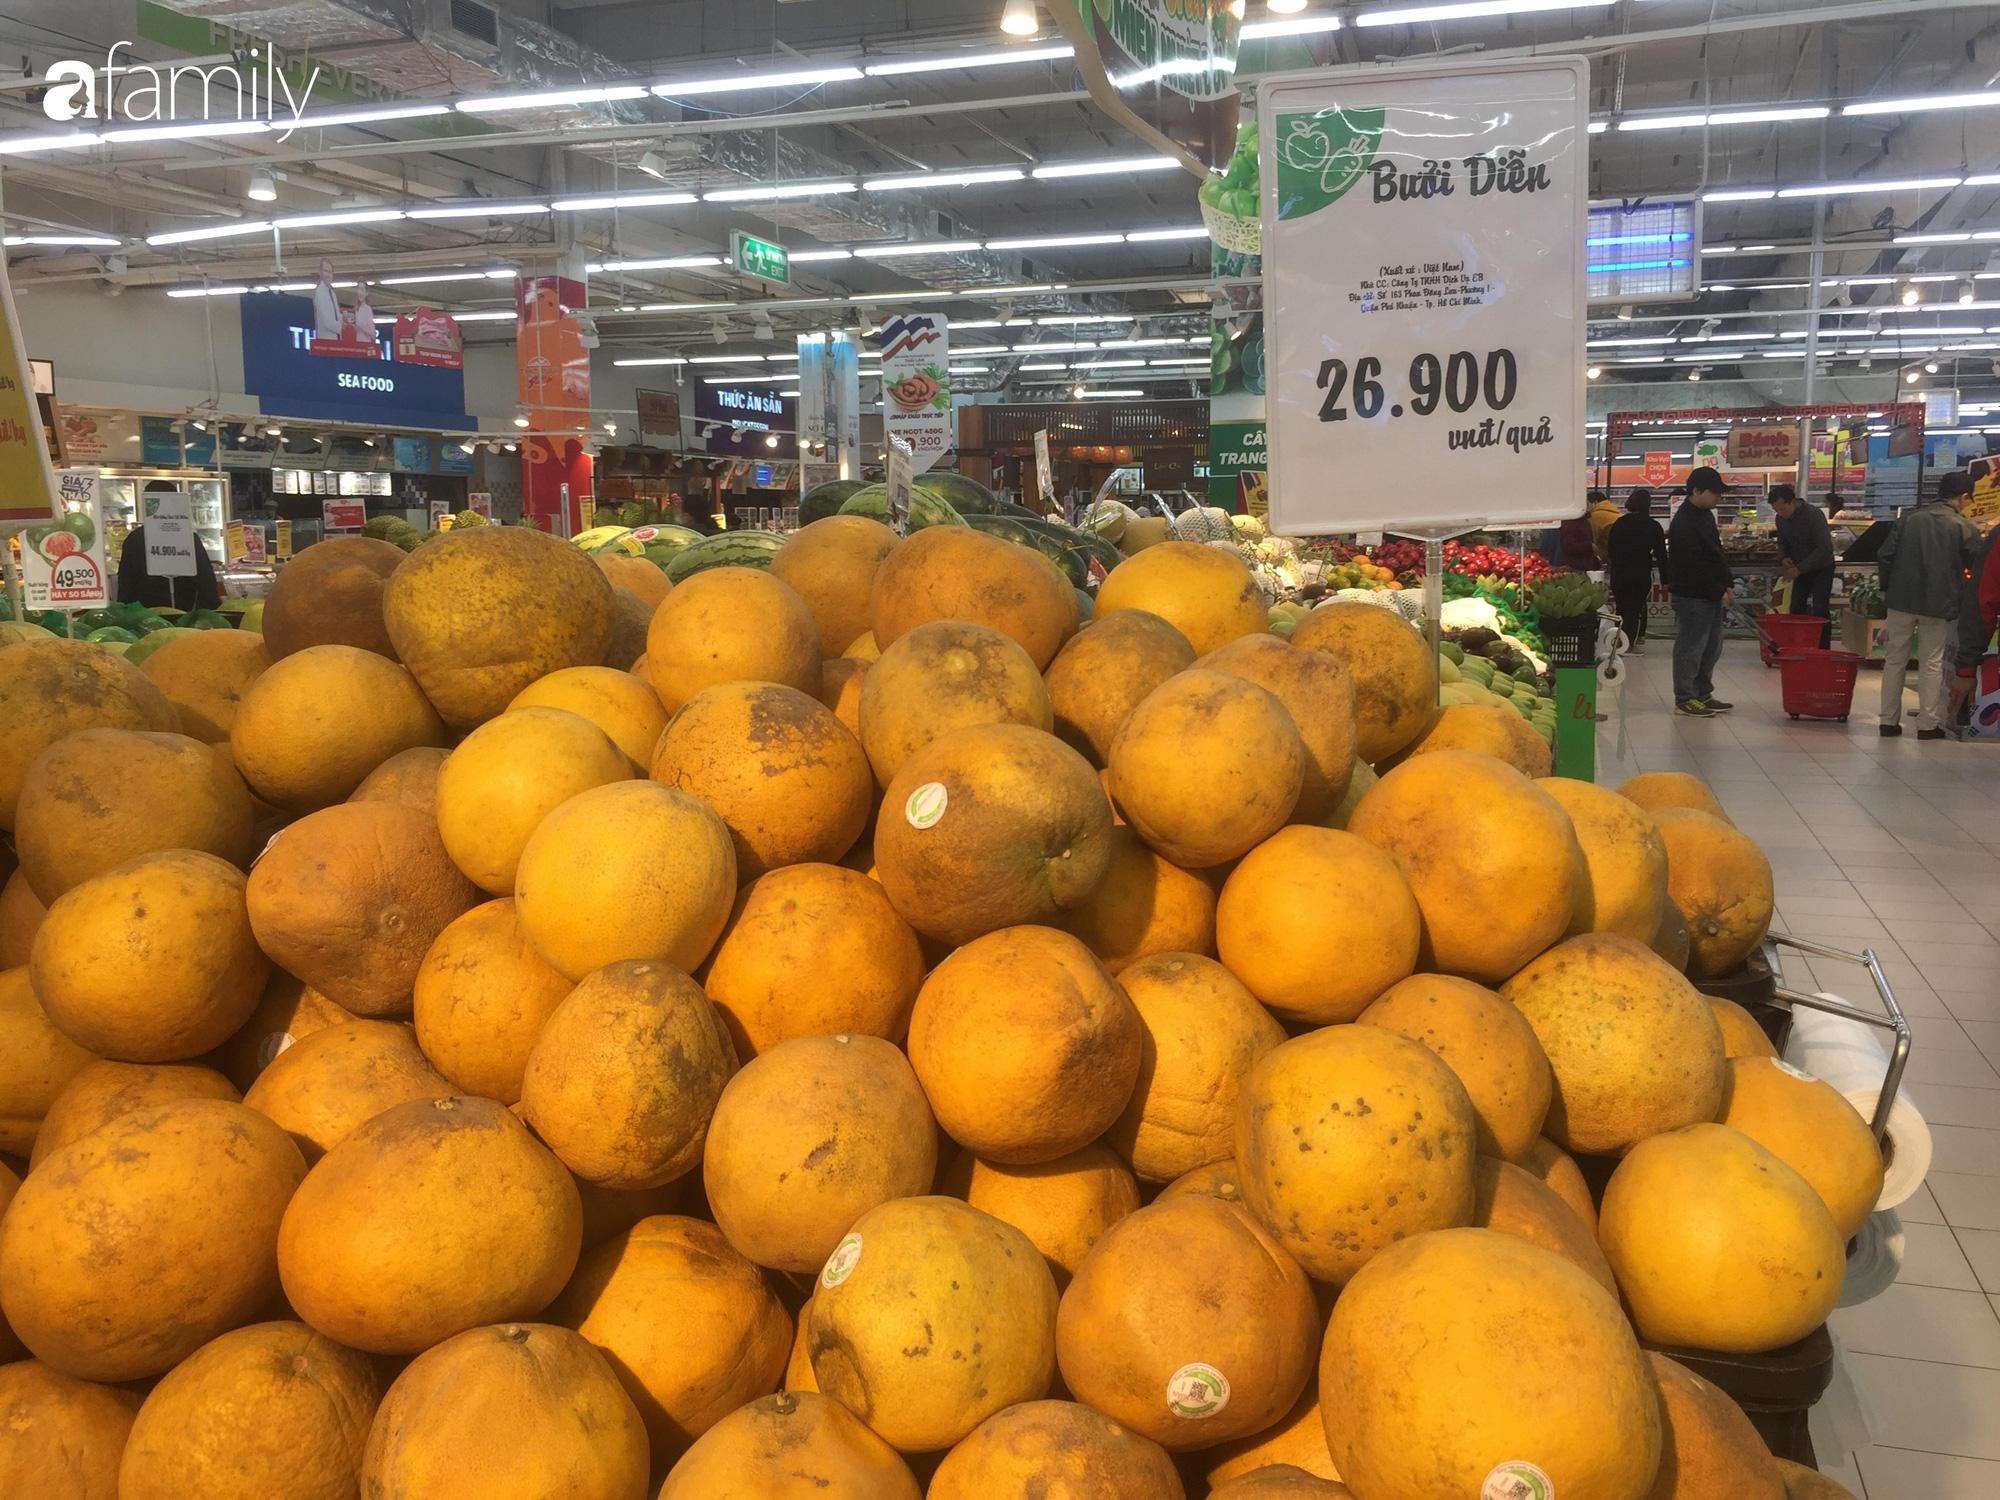 Giá hoa quả trong siêu thị rẻ gấp 3 lần so với thời điểm trước Tết, dưa hấu còn 6.700 đồng/kg - Ảnh 9.